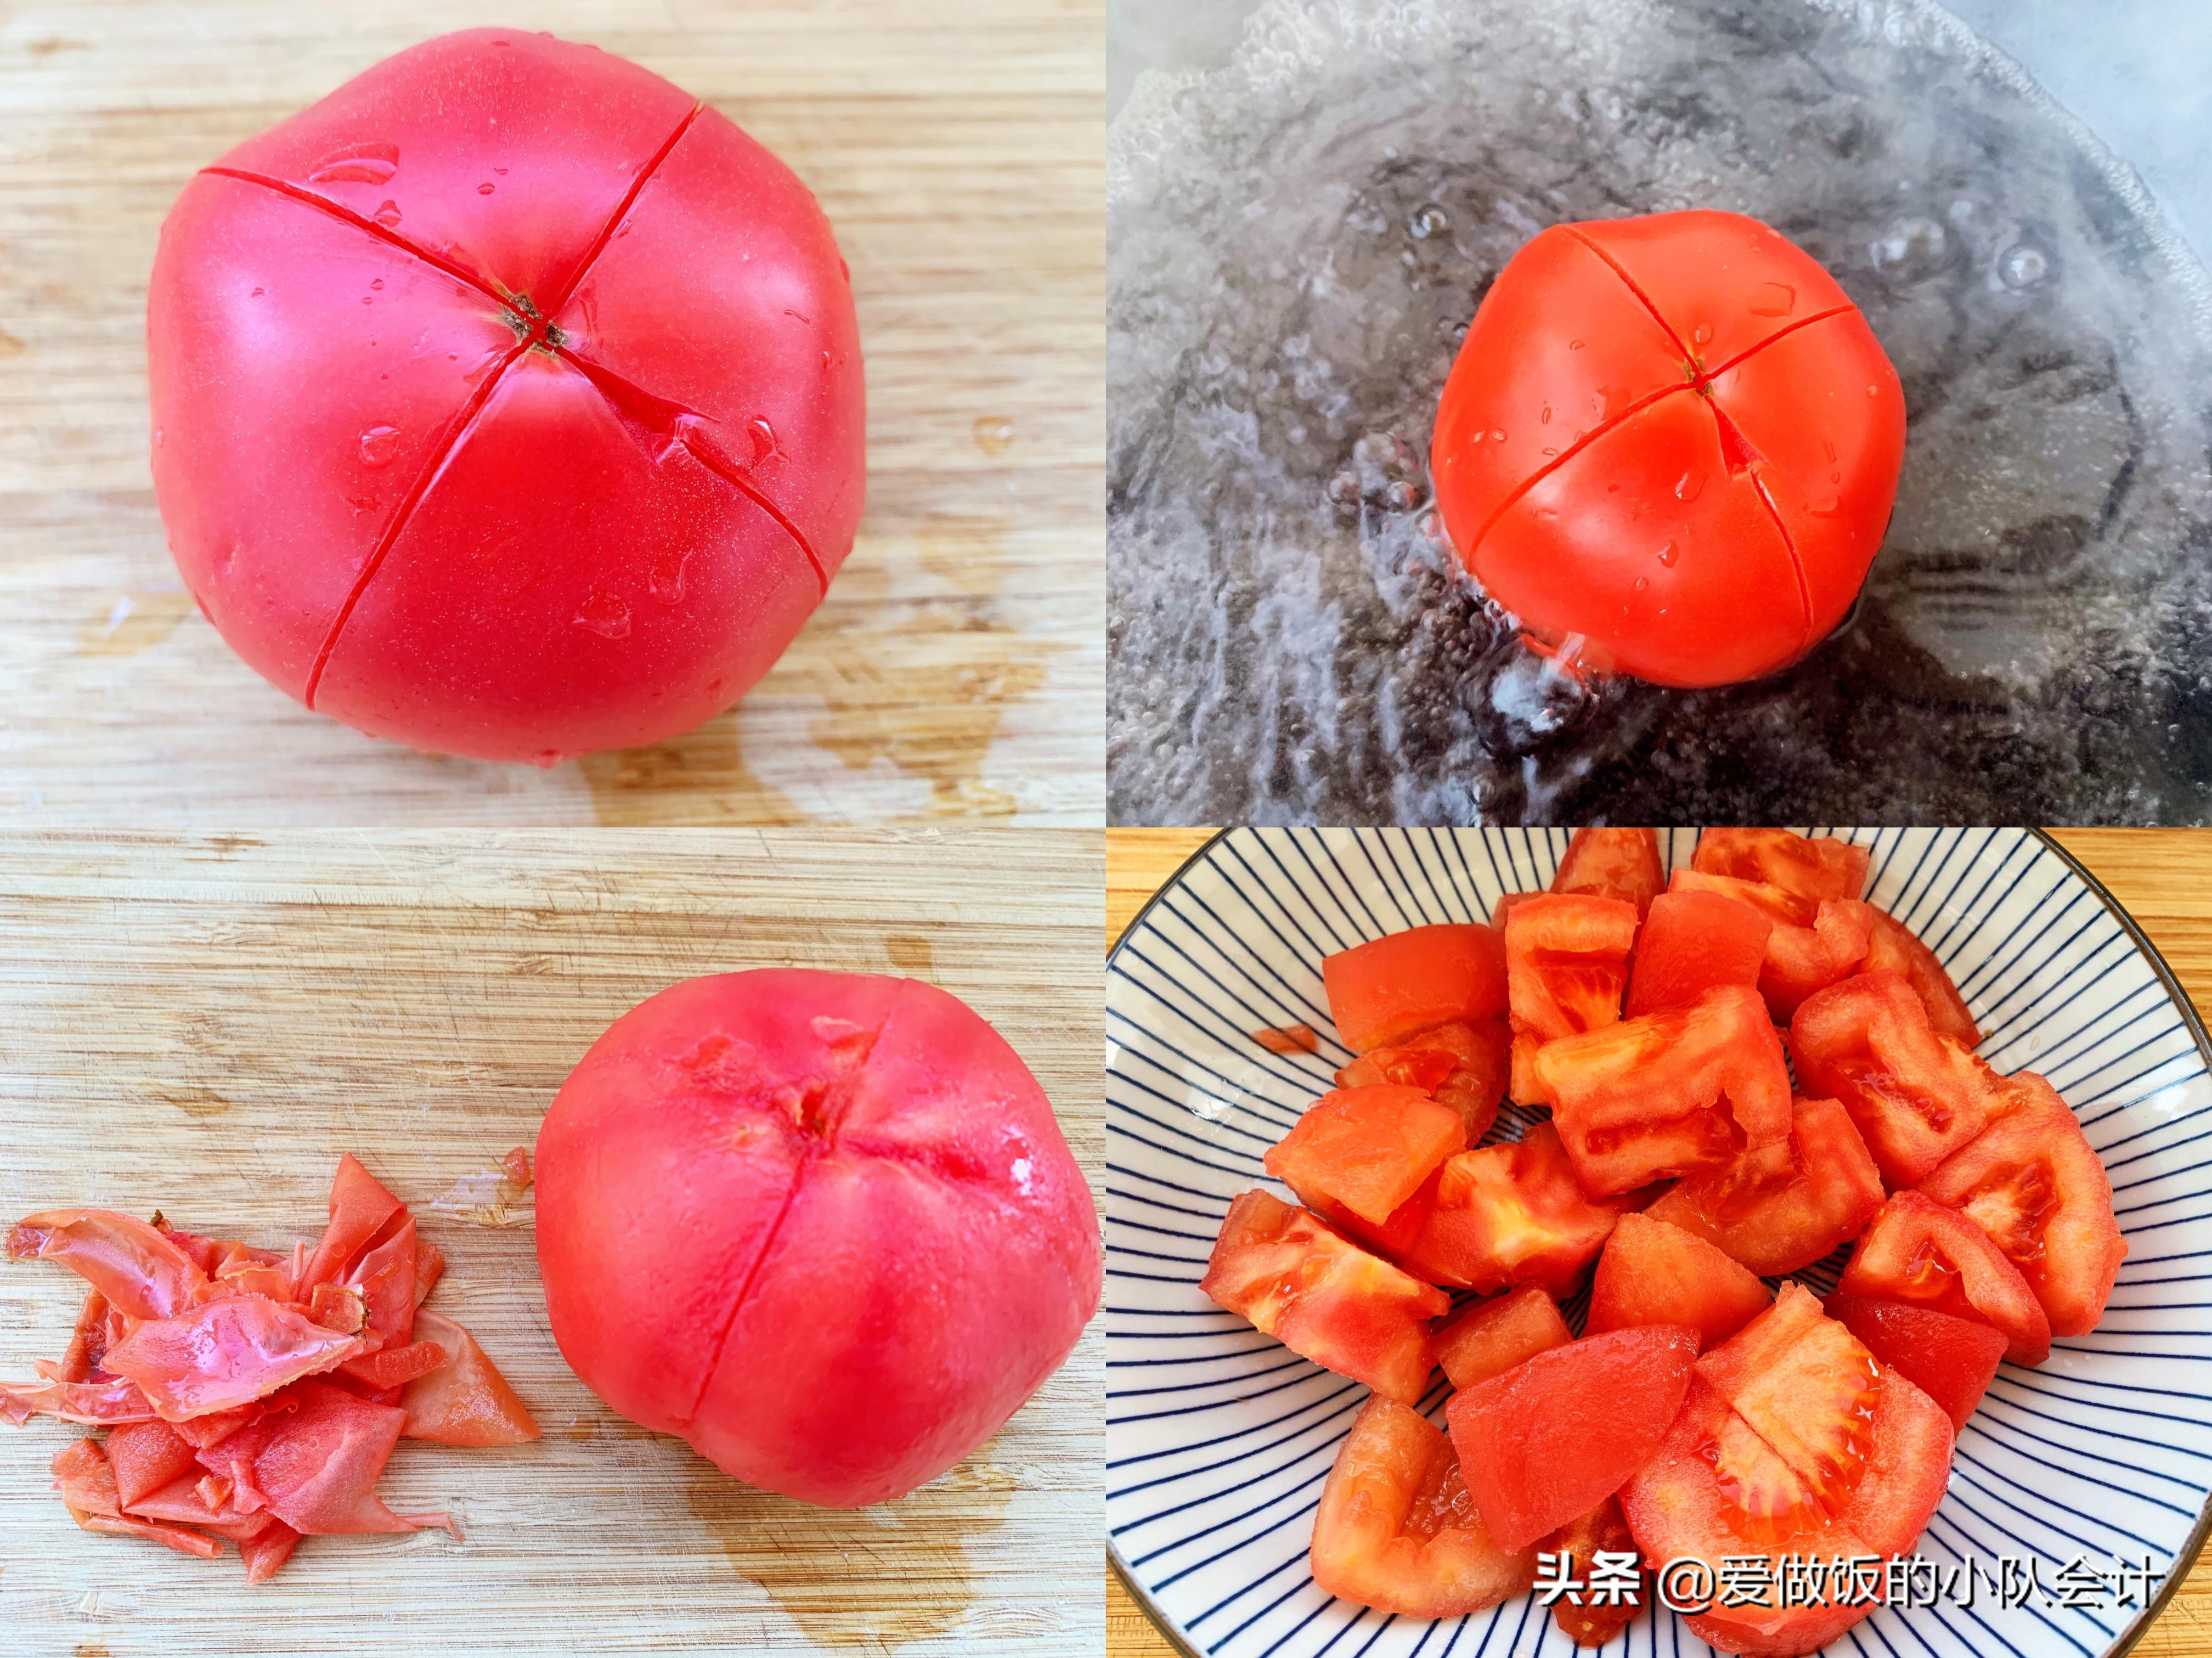 做西红柿炒鸡蛋,最怕直接下锅炒,牢记2点,汁浓蛋嫩味道香 美食做法 第4张